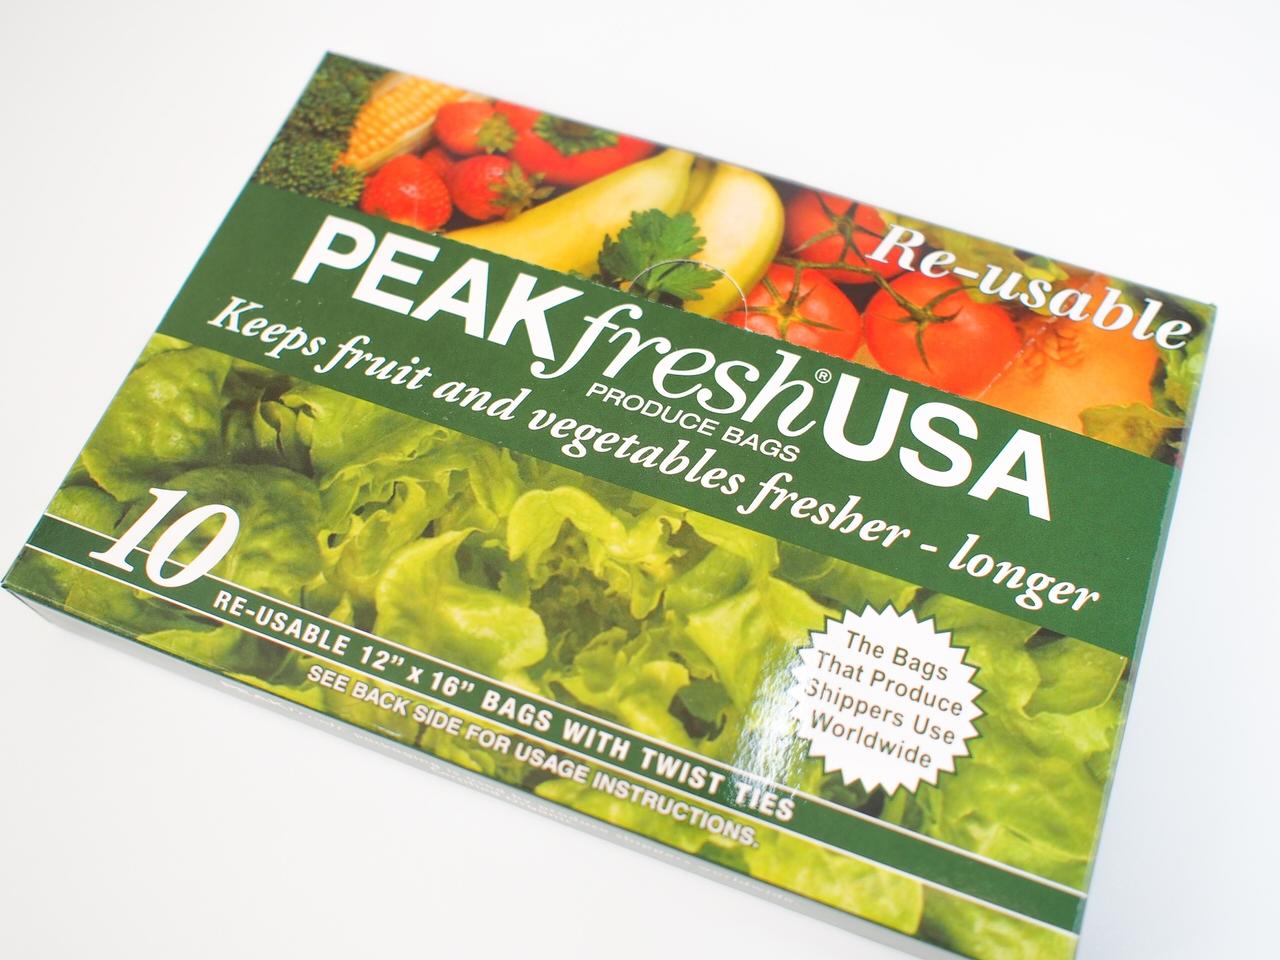 PEAKfresh USAで野菜や果物が長持ちする理由